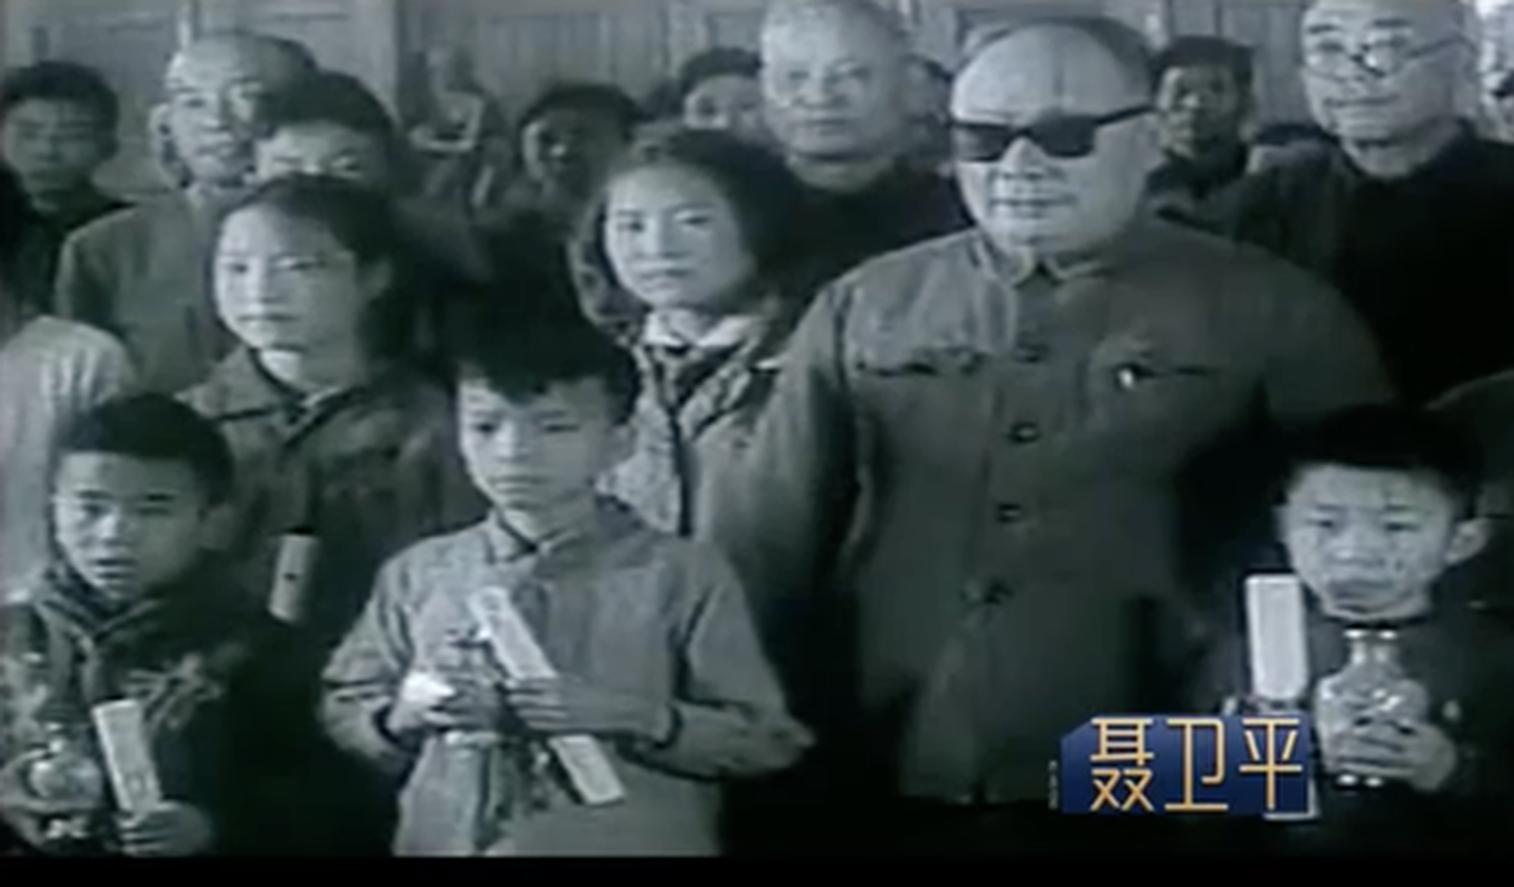 陈毅元帅与聂卫平